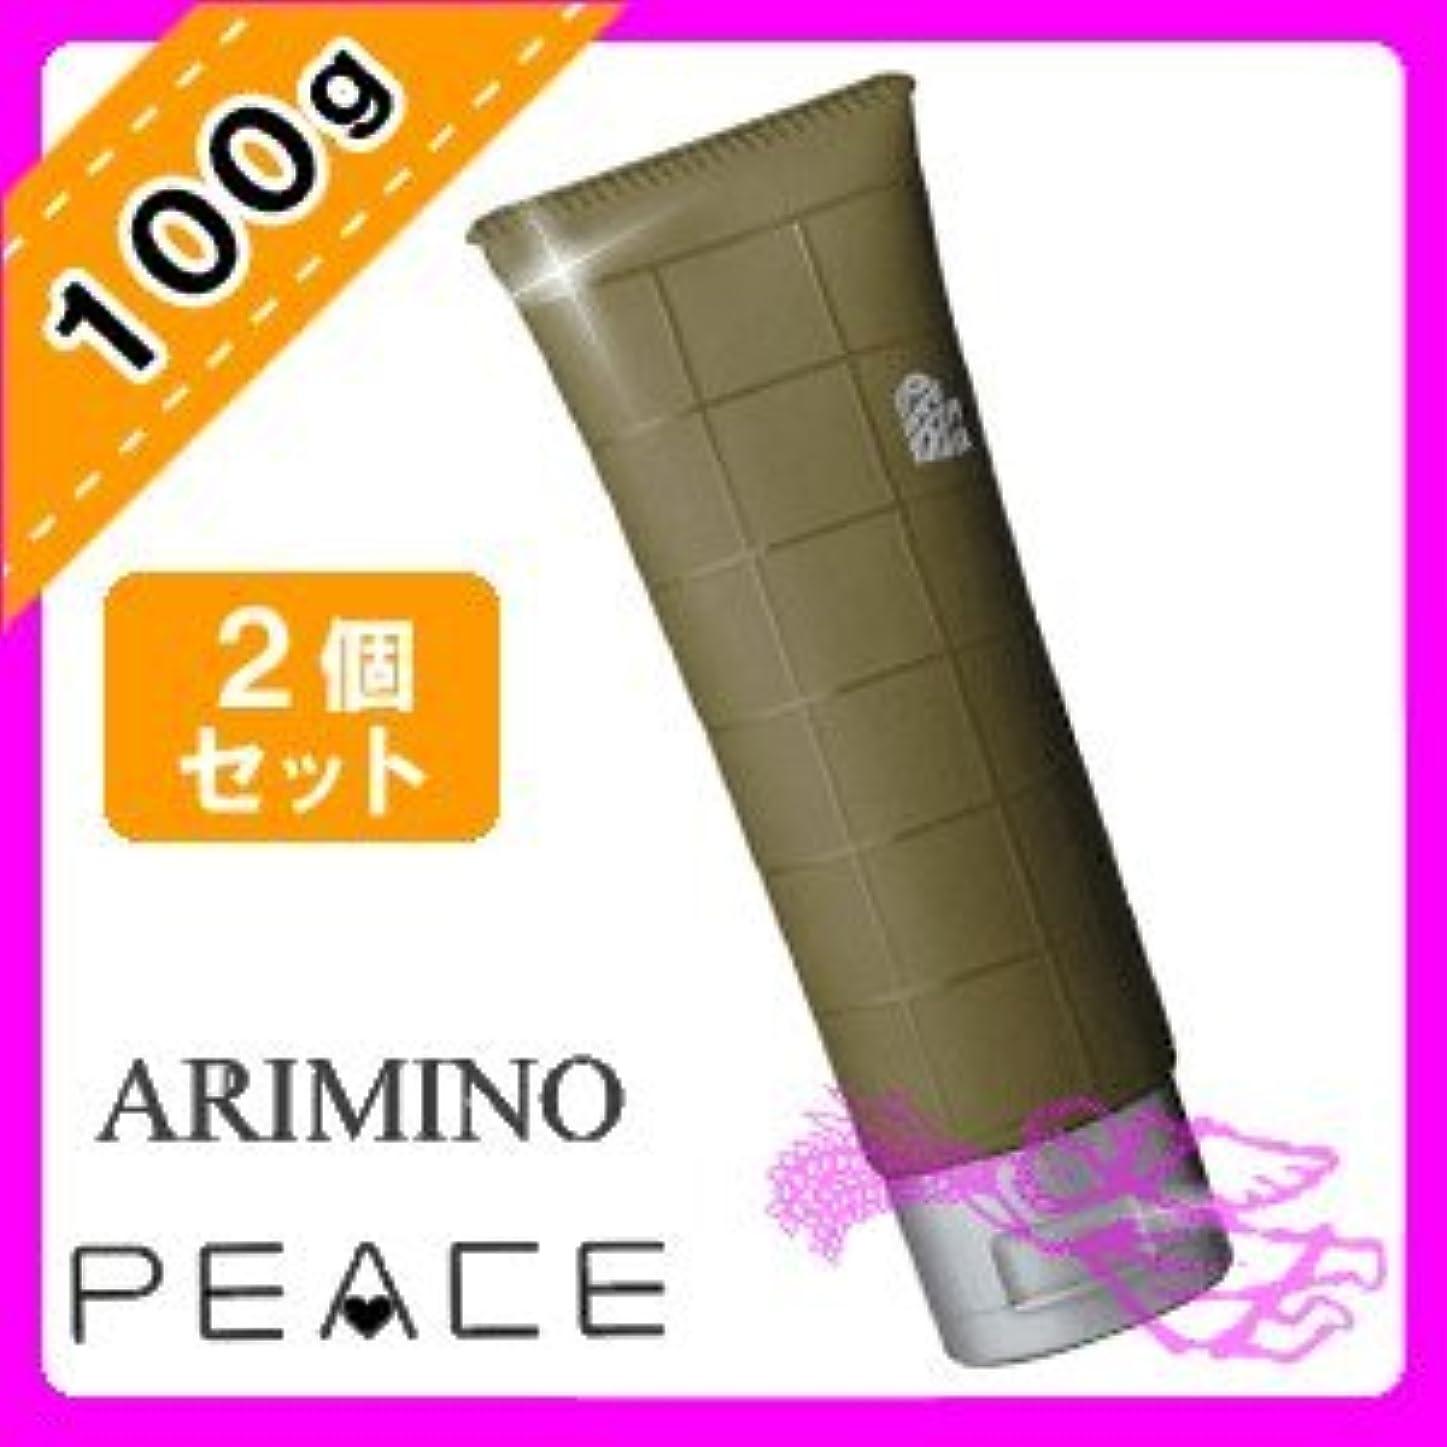 分岐する肺ペチュランスアリミノ ピース ウェットオイル ワックス 100g ×2個セット arimino PEACE